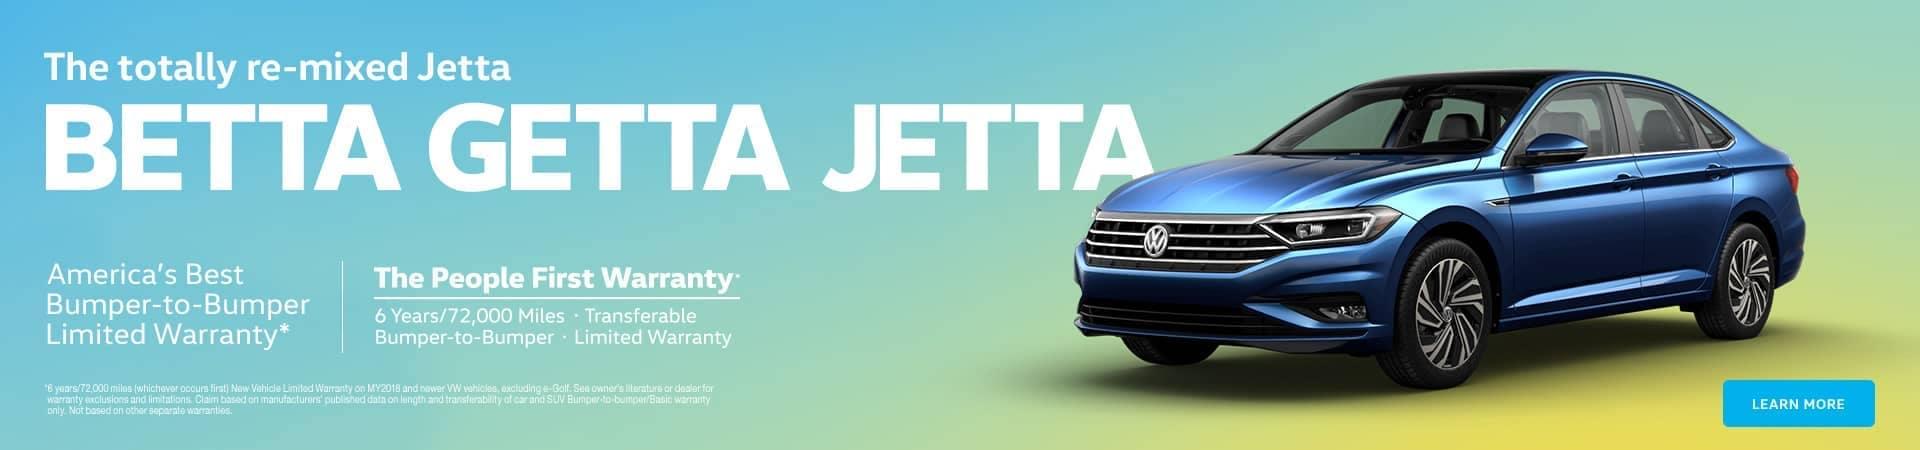 Betta Getta Jetta